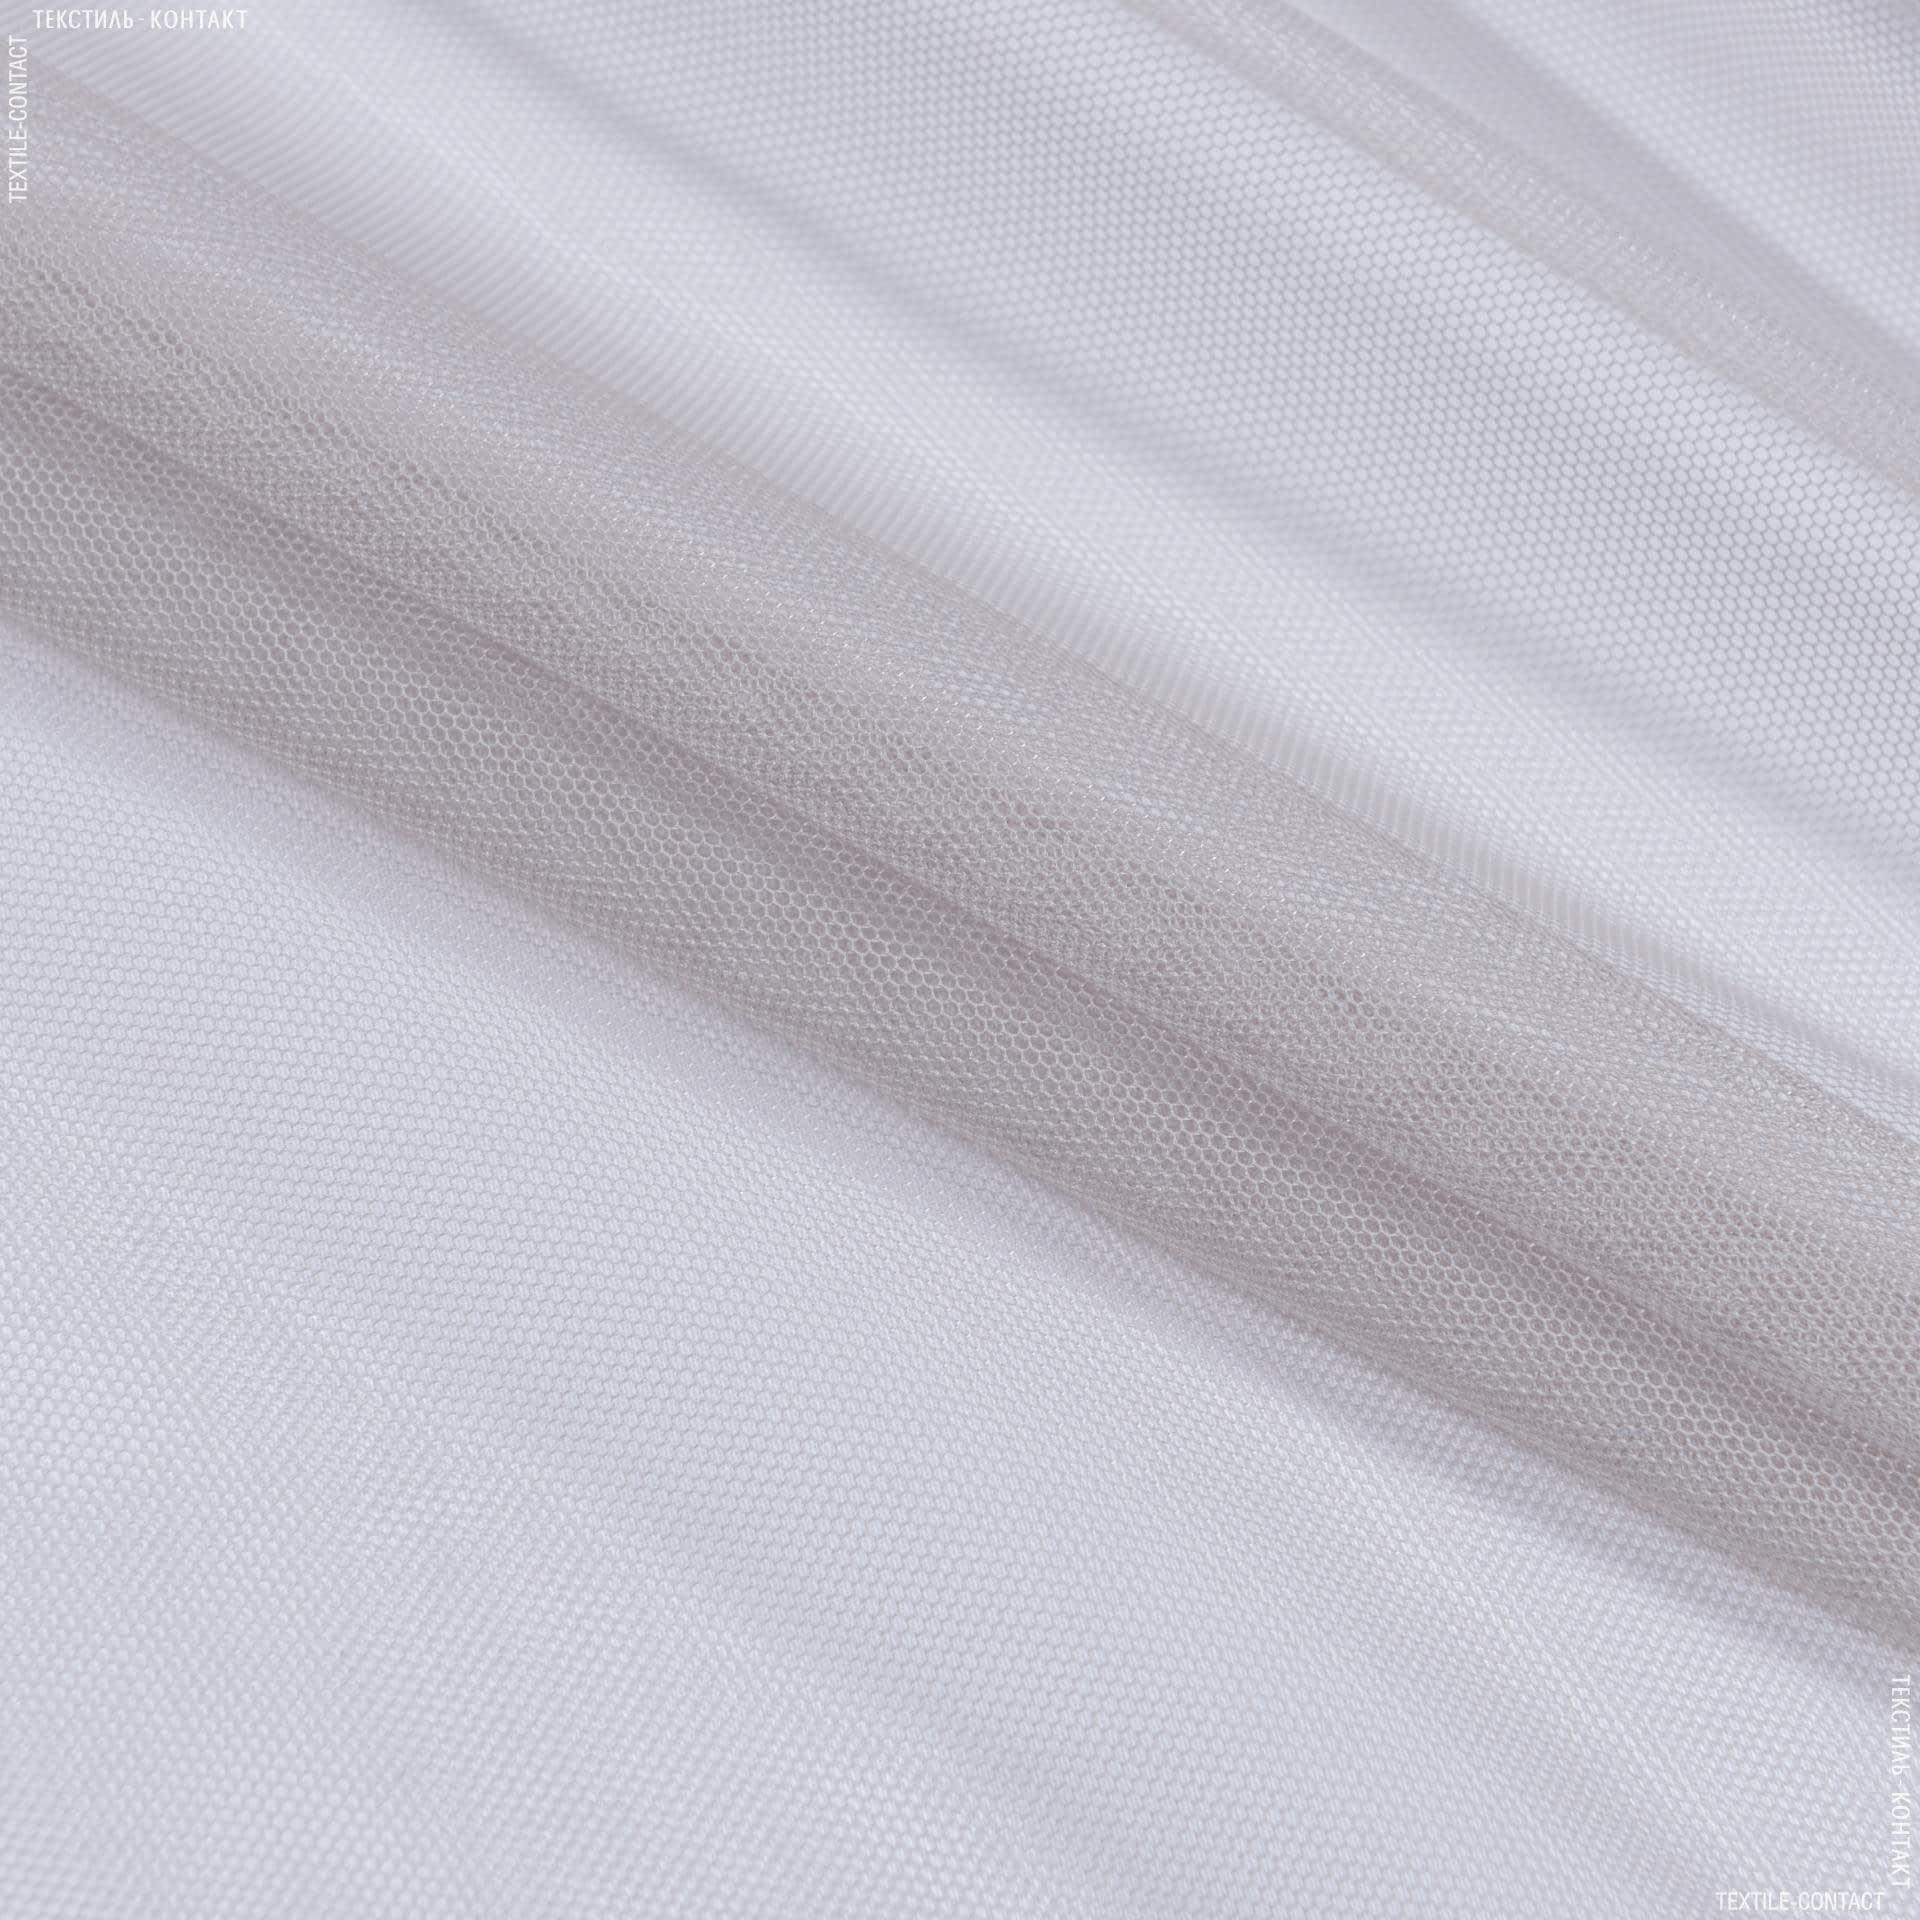 Ткани гардинные ткани - Тюль с утяжелителем сетка грек/grek  св.сизый